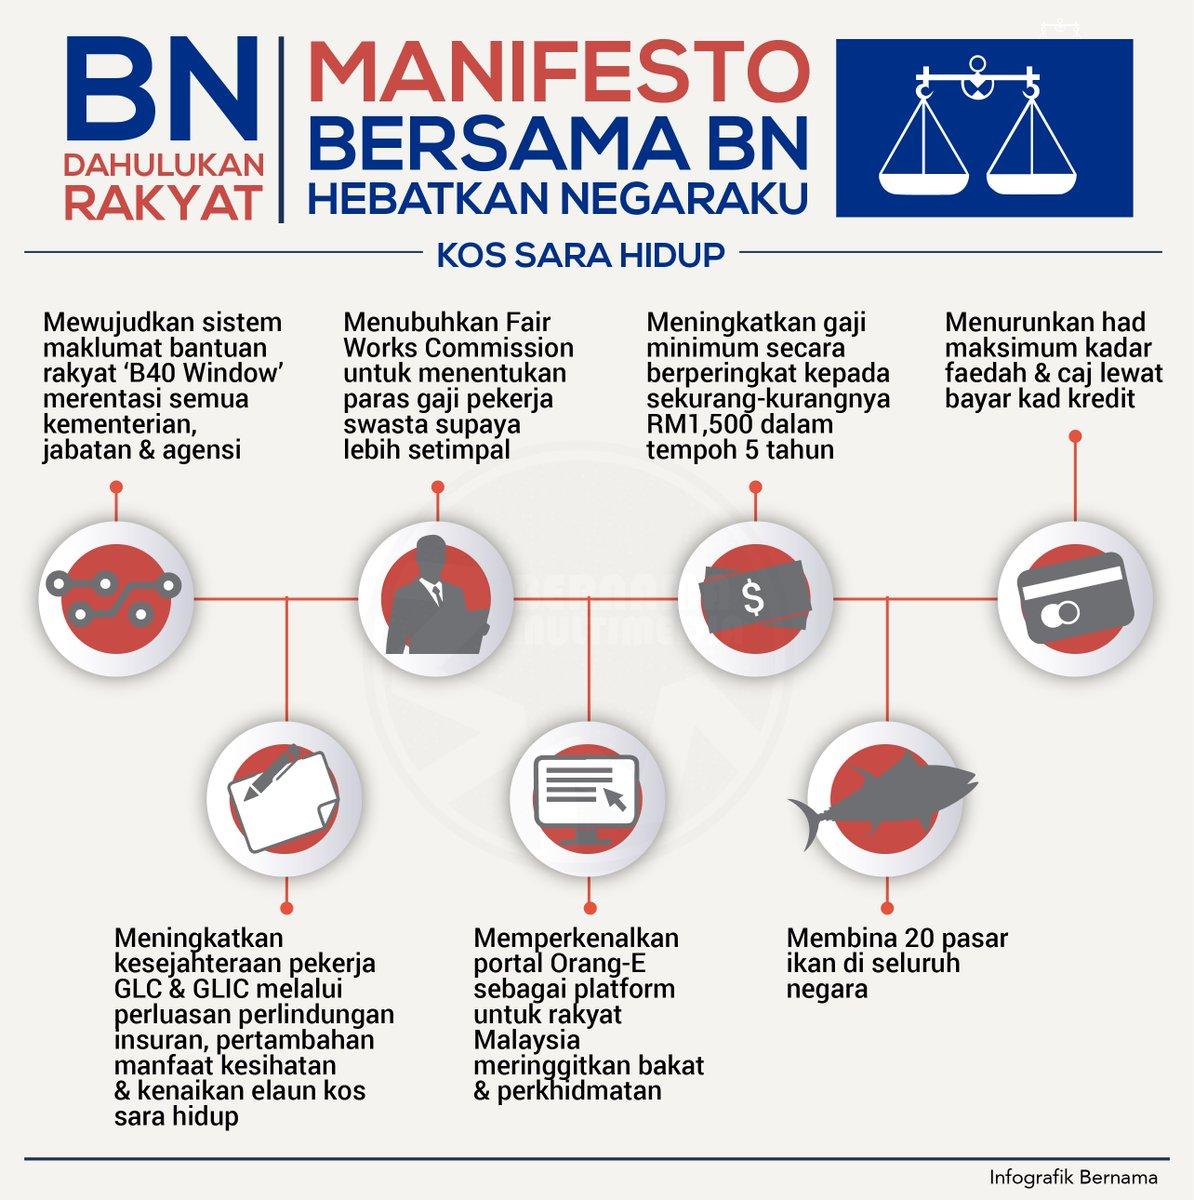 Bernama En Twitter Infografik Manifestobn Terus Fokus Tangani Isu Kos Sara Hidup Rakyat Pru14